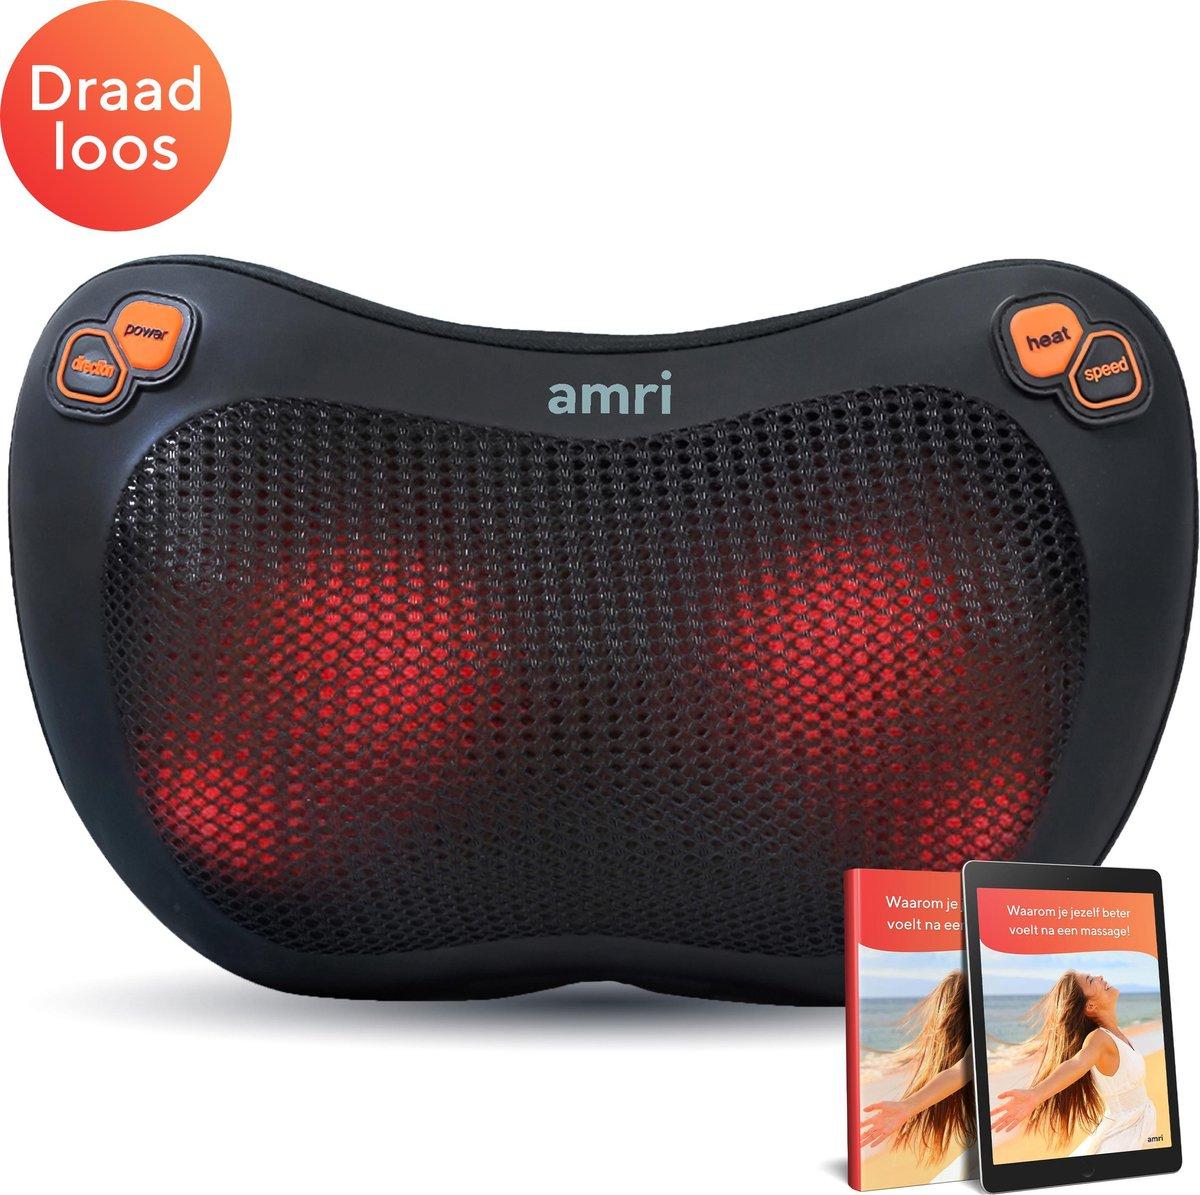 AMRI - Draadloos Massage Kussen - Shiatsu Massage -  Infrarood Warmte